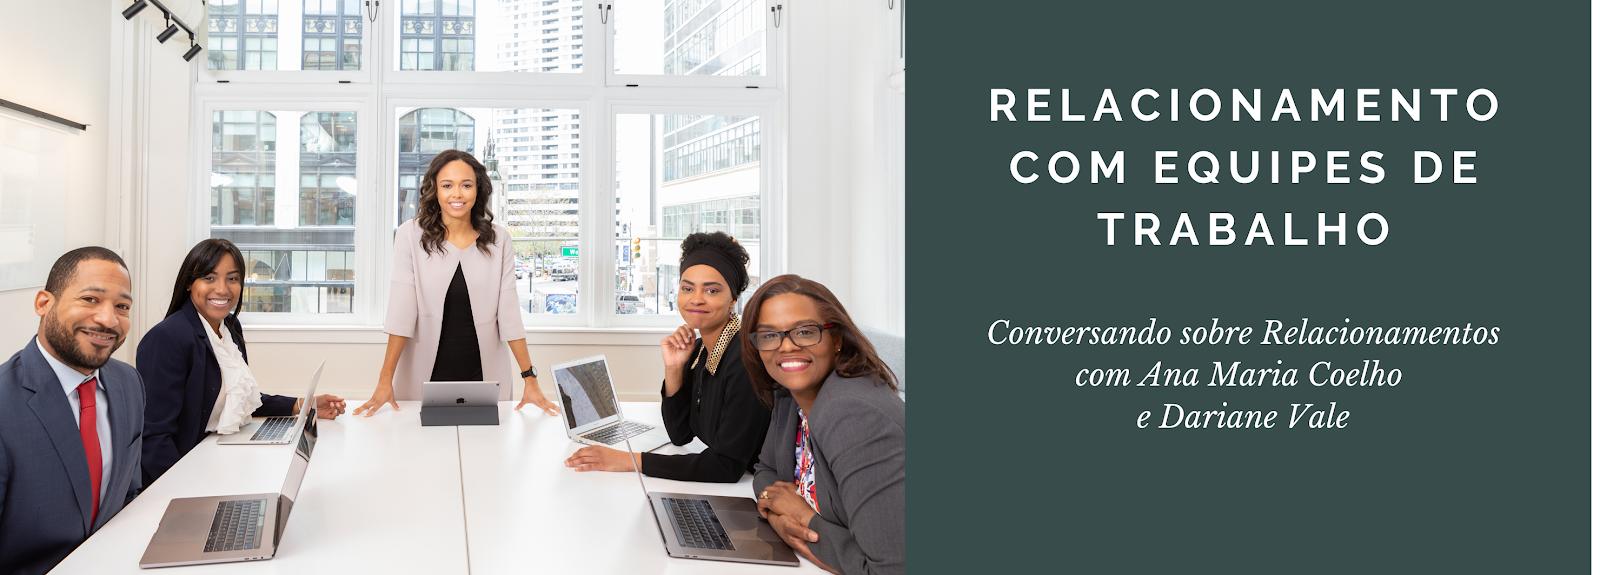 Conversando sobre Relacionamentos: Relacionamentos com equipes de trabalho